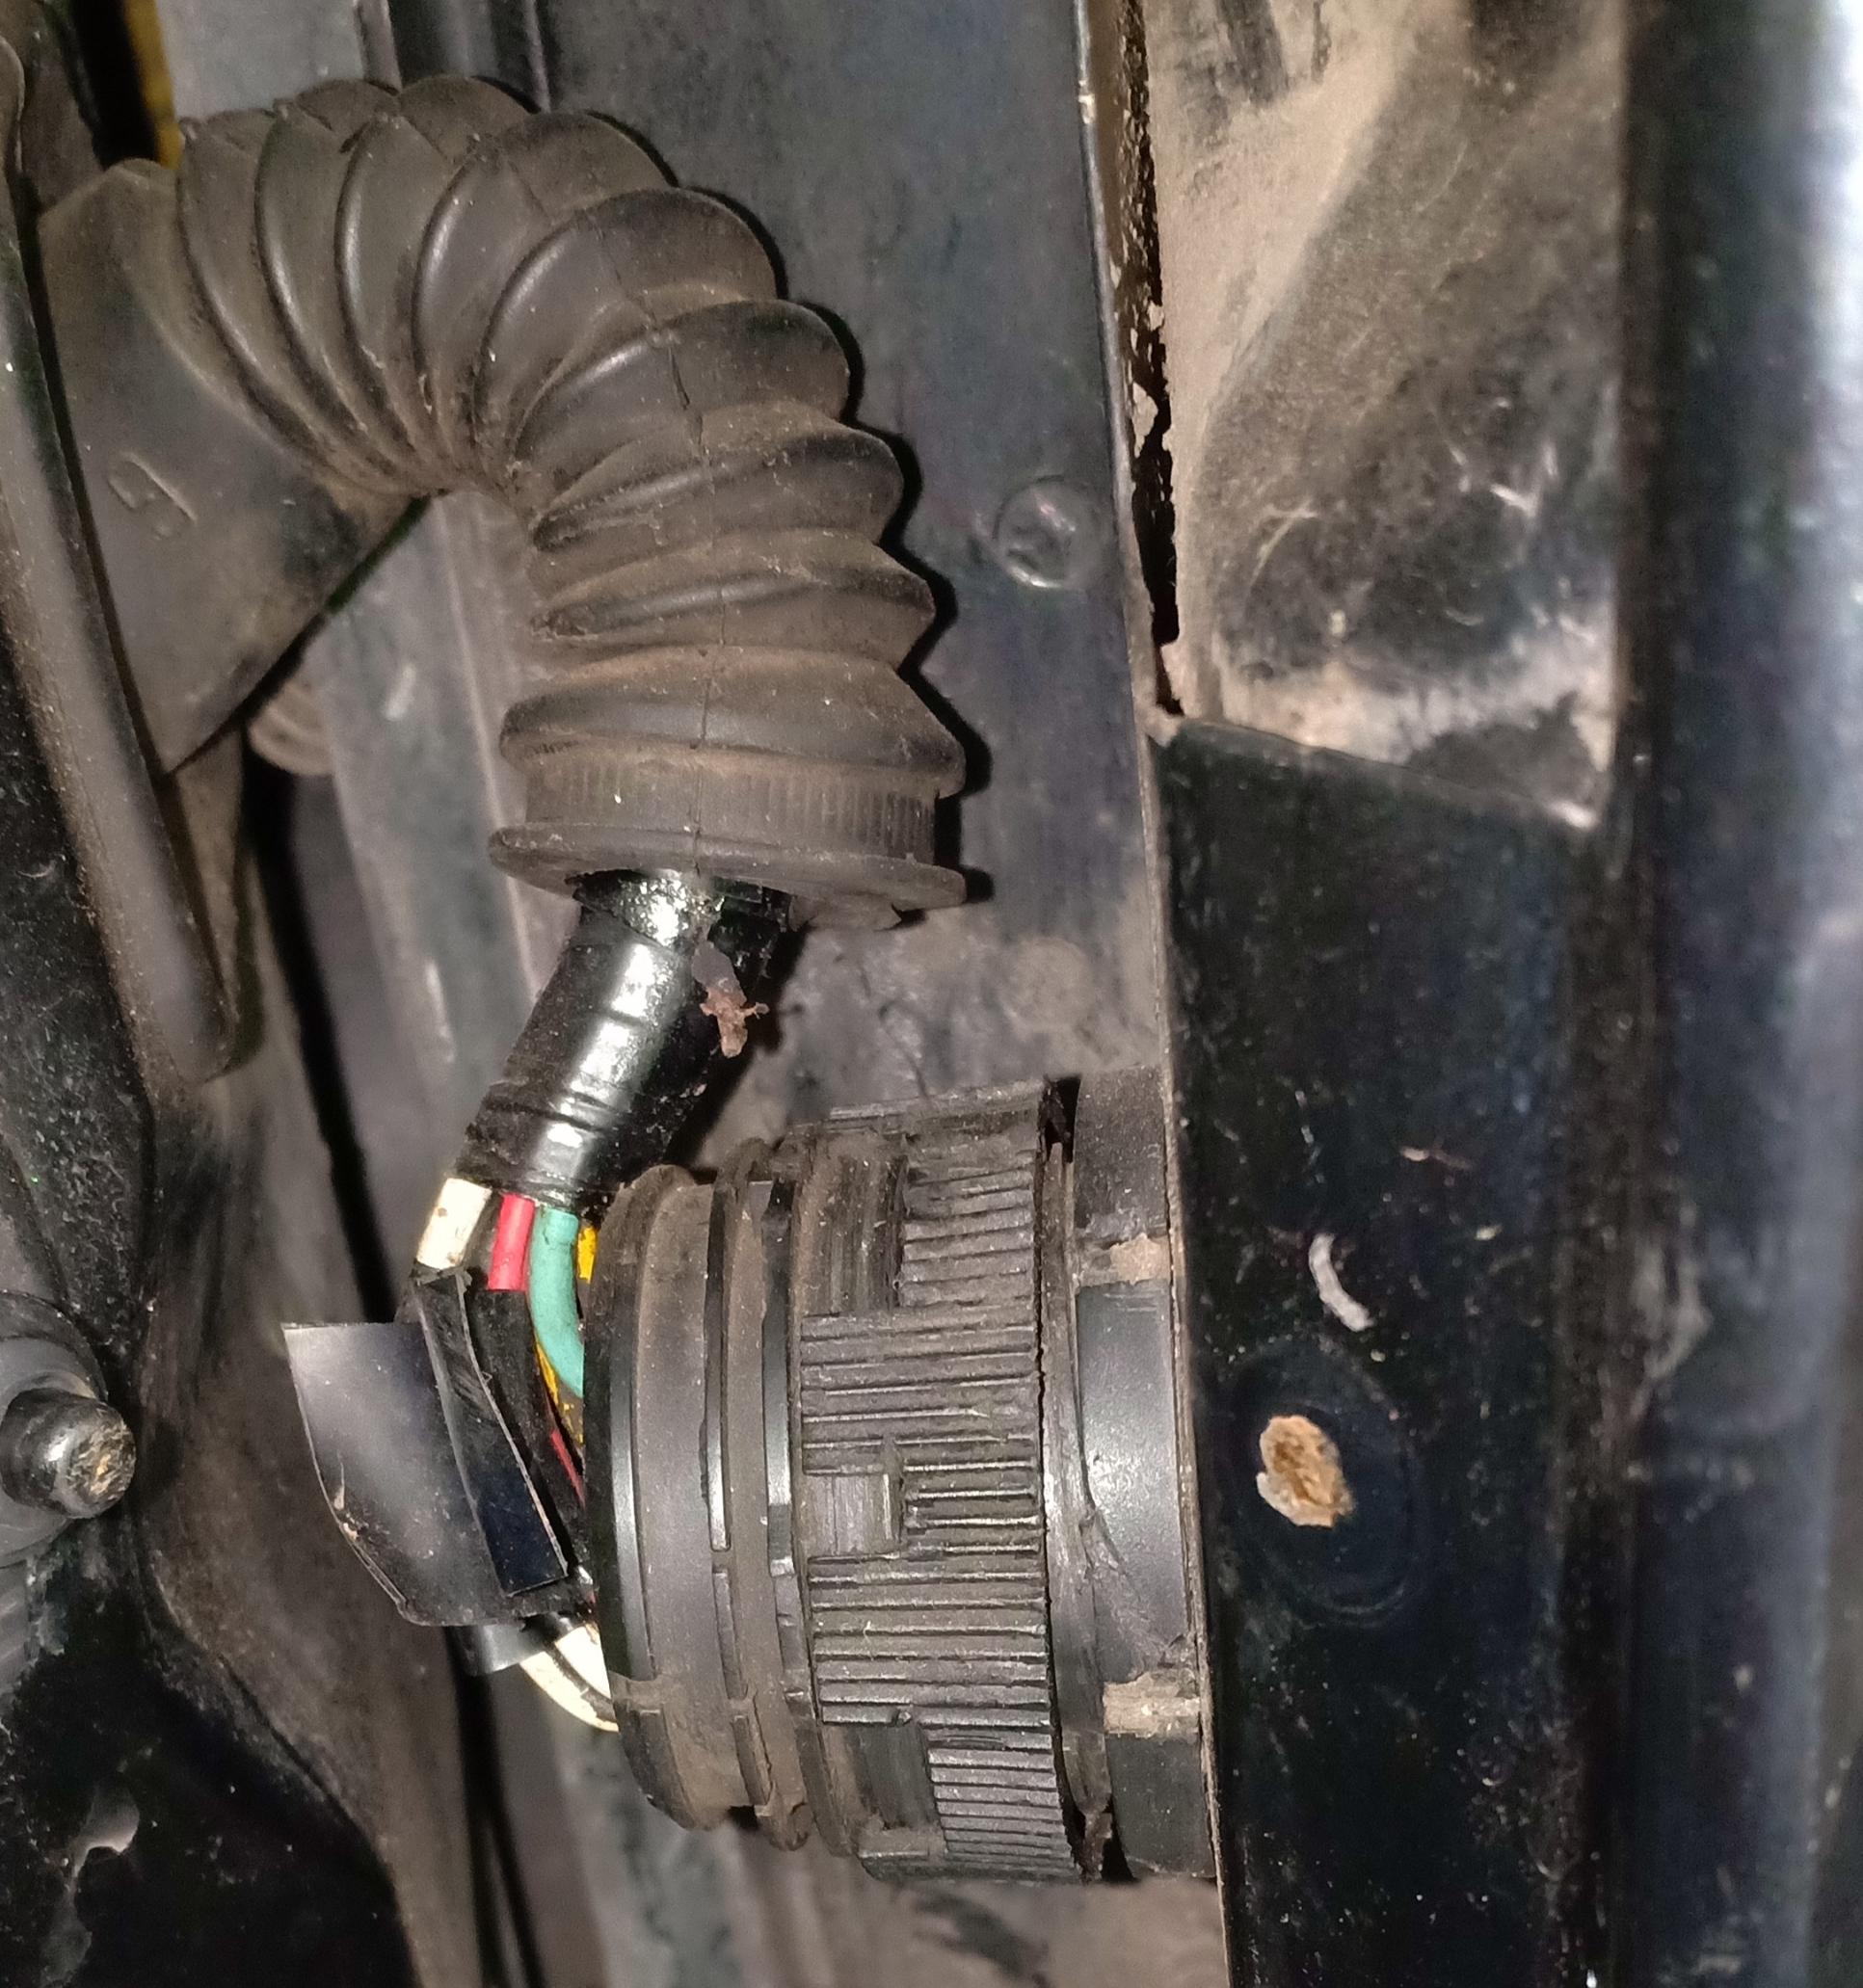 Jangan Main Jumper Di Peugeot 306 N5 Celotehanku Fuse Box In Masalah Yang Tersisa Pada Saya Saat Itu Adalah Ac Kerap Kali Putus Dan Tape Mobil Masih Tetap Menyala Walaupun